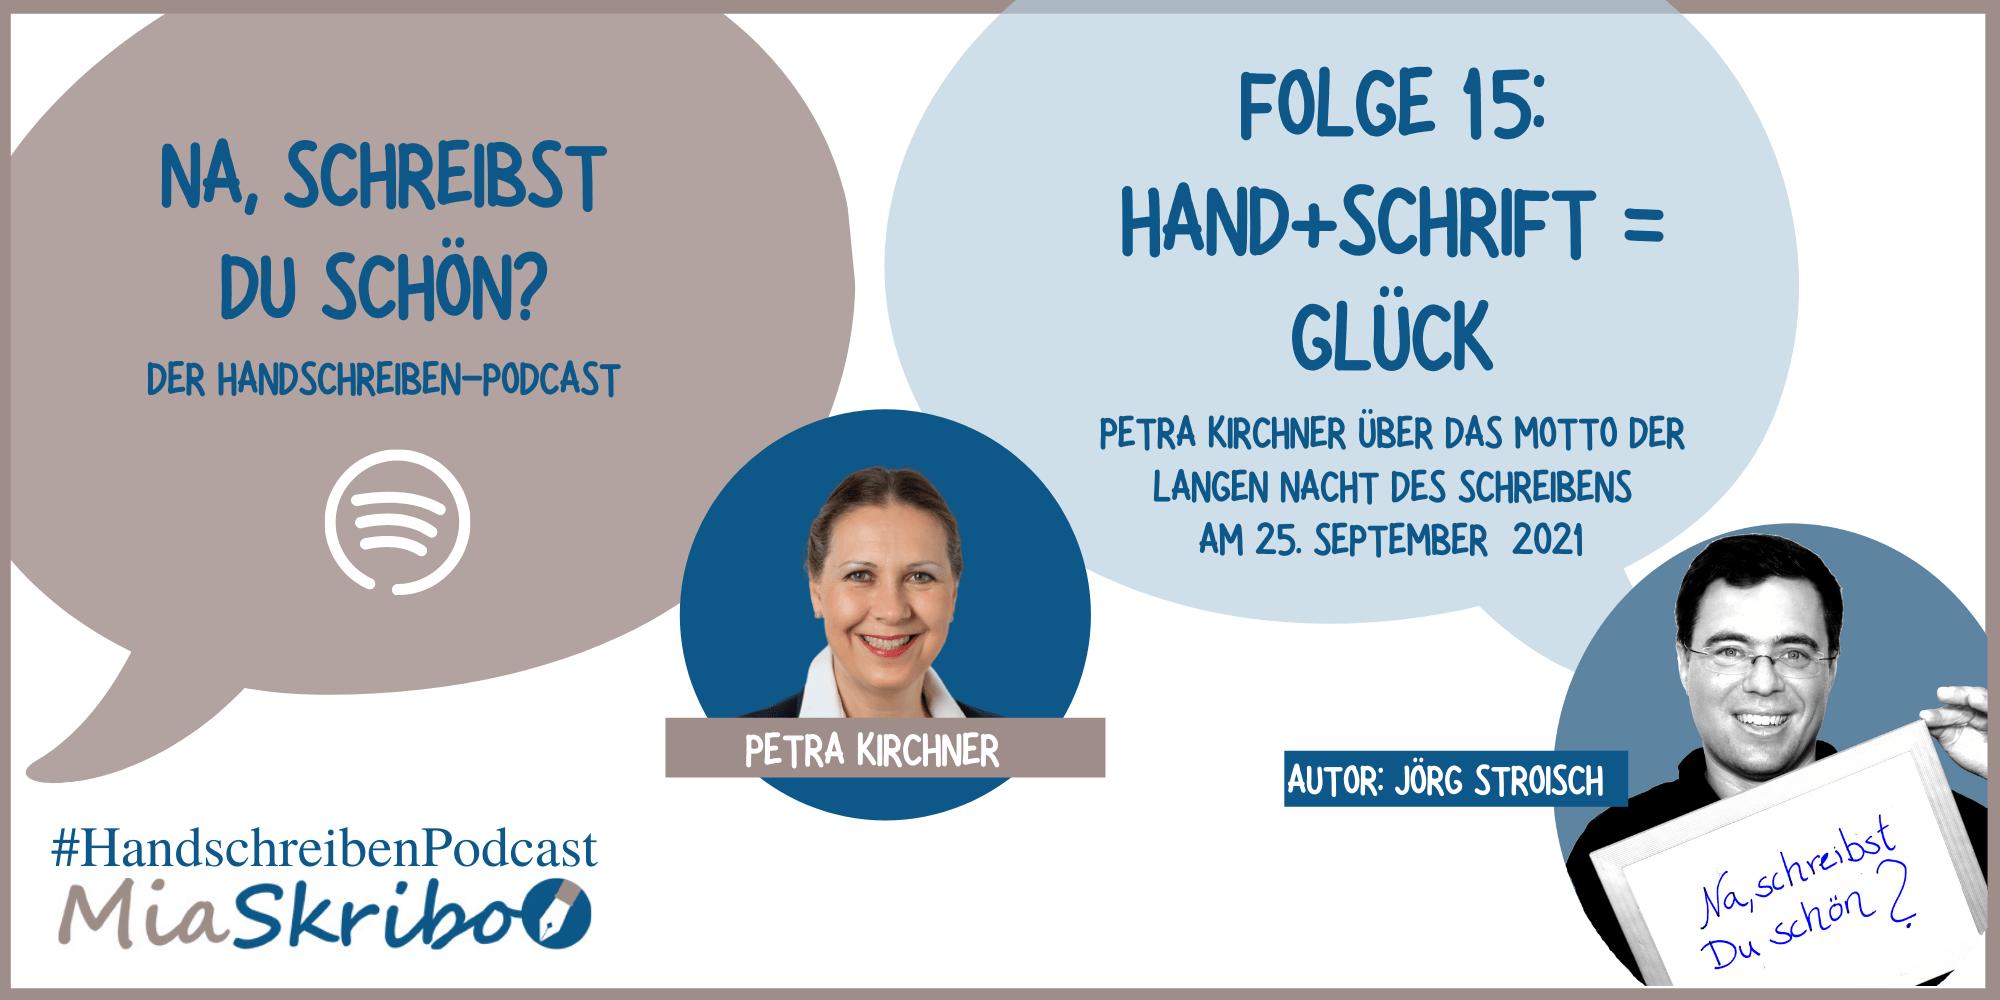 """Die Lange Nacht des Schreibens steht unter dem Motto """"Hand+Schrift=Glück""""; Petra Kirchner beschreibt in diesem Podcast, warum sie Handschreiben glücklich macht."""